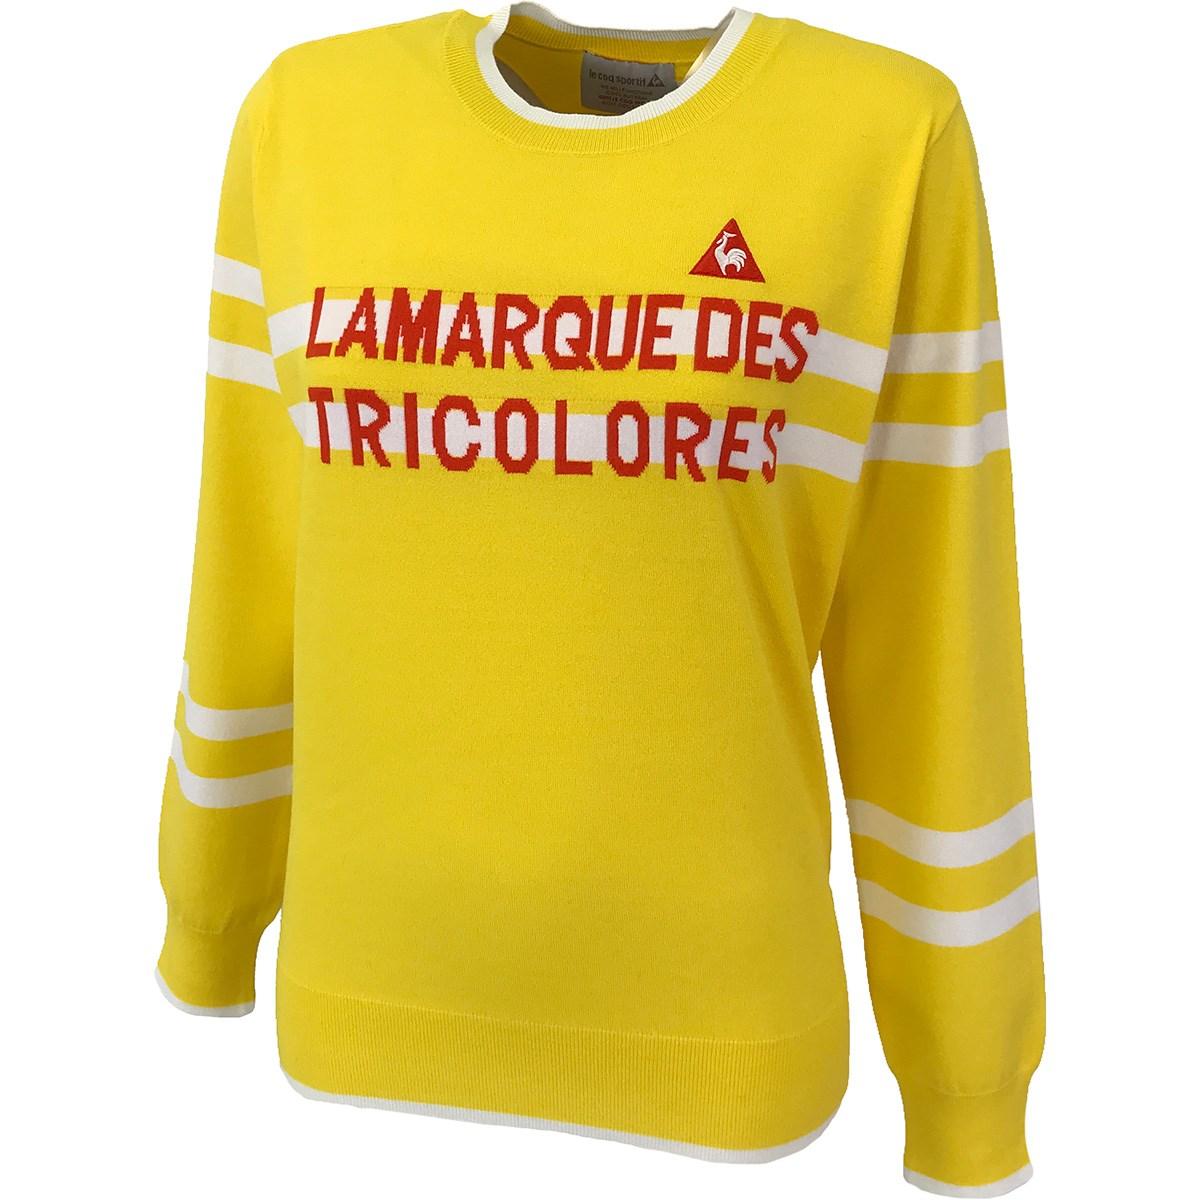 ルコックゴルフ Le coq sportif GOLF クルーネックセーター S イエロー 00 レディス